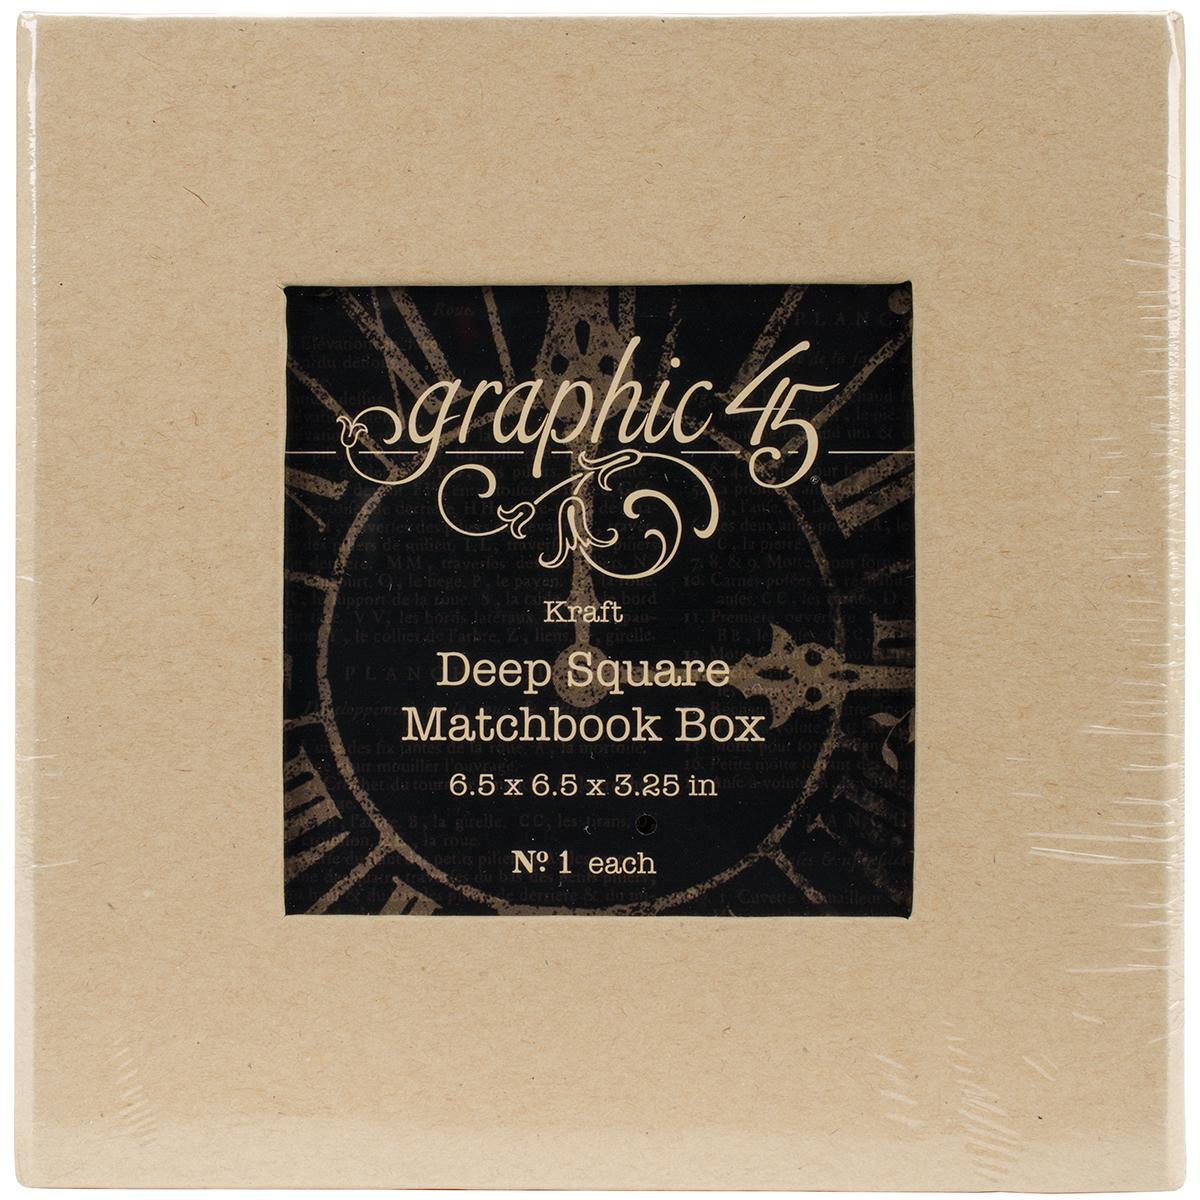 Graphic 45 Staples Deep Matchbook Box 6X6X3-Kraft